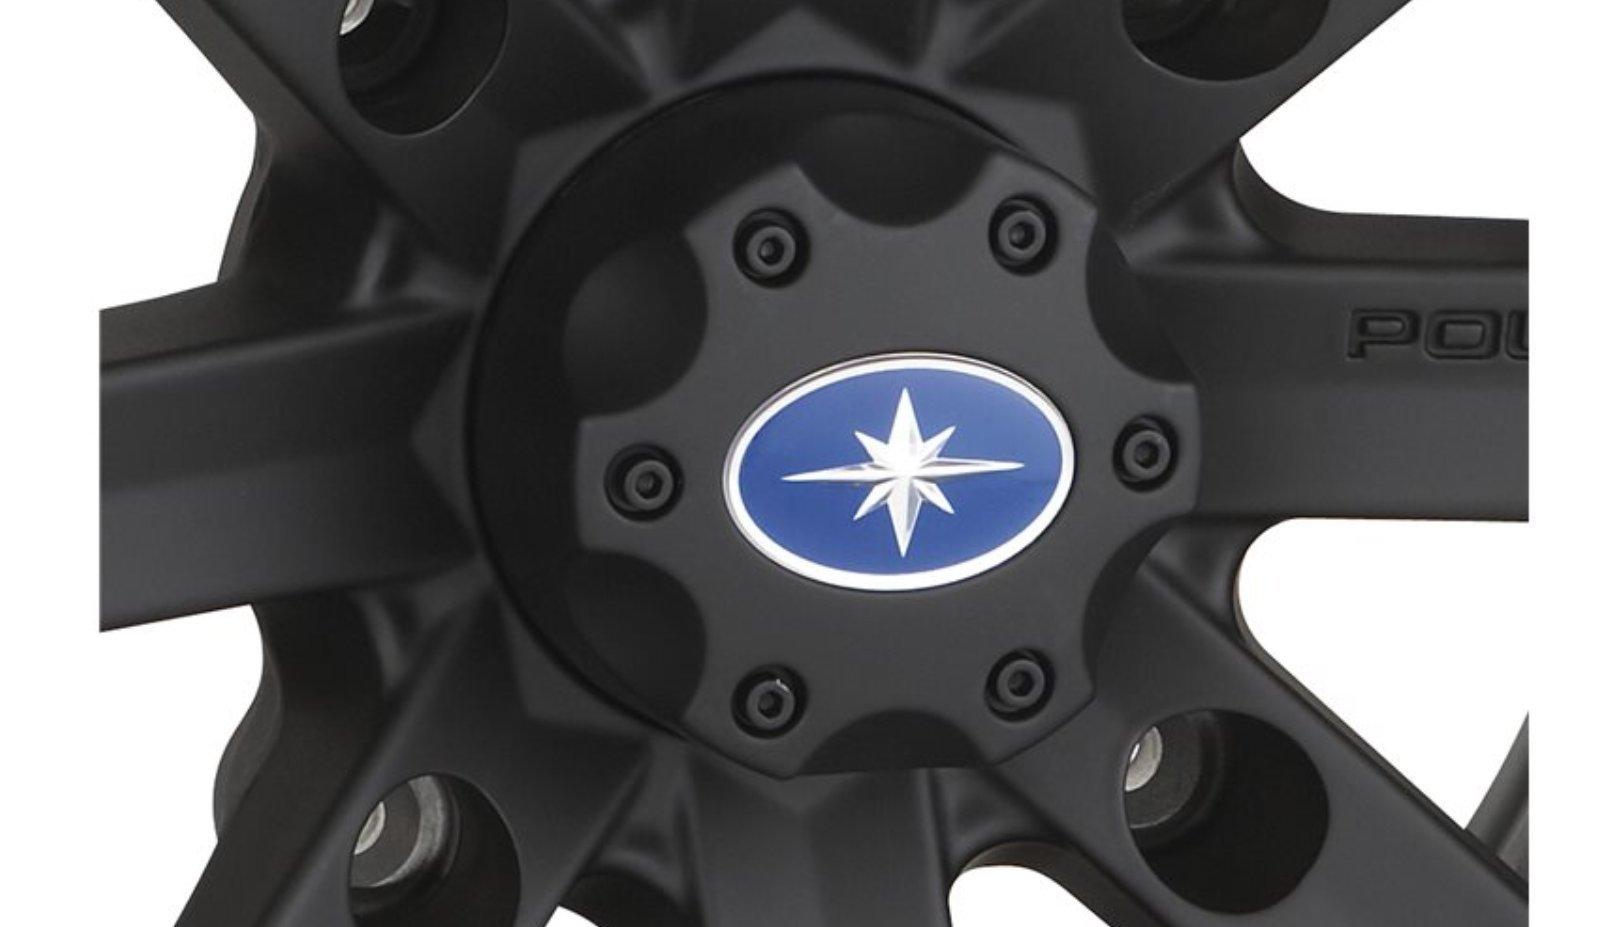 New Oem Polaris Flat Black Center Cap 1521509-521